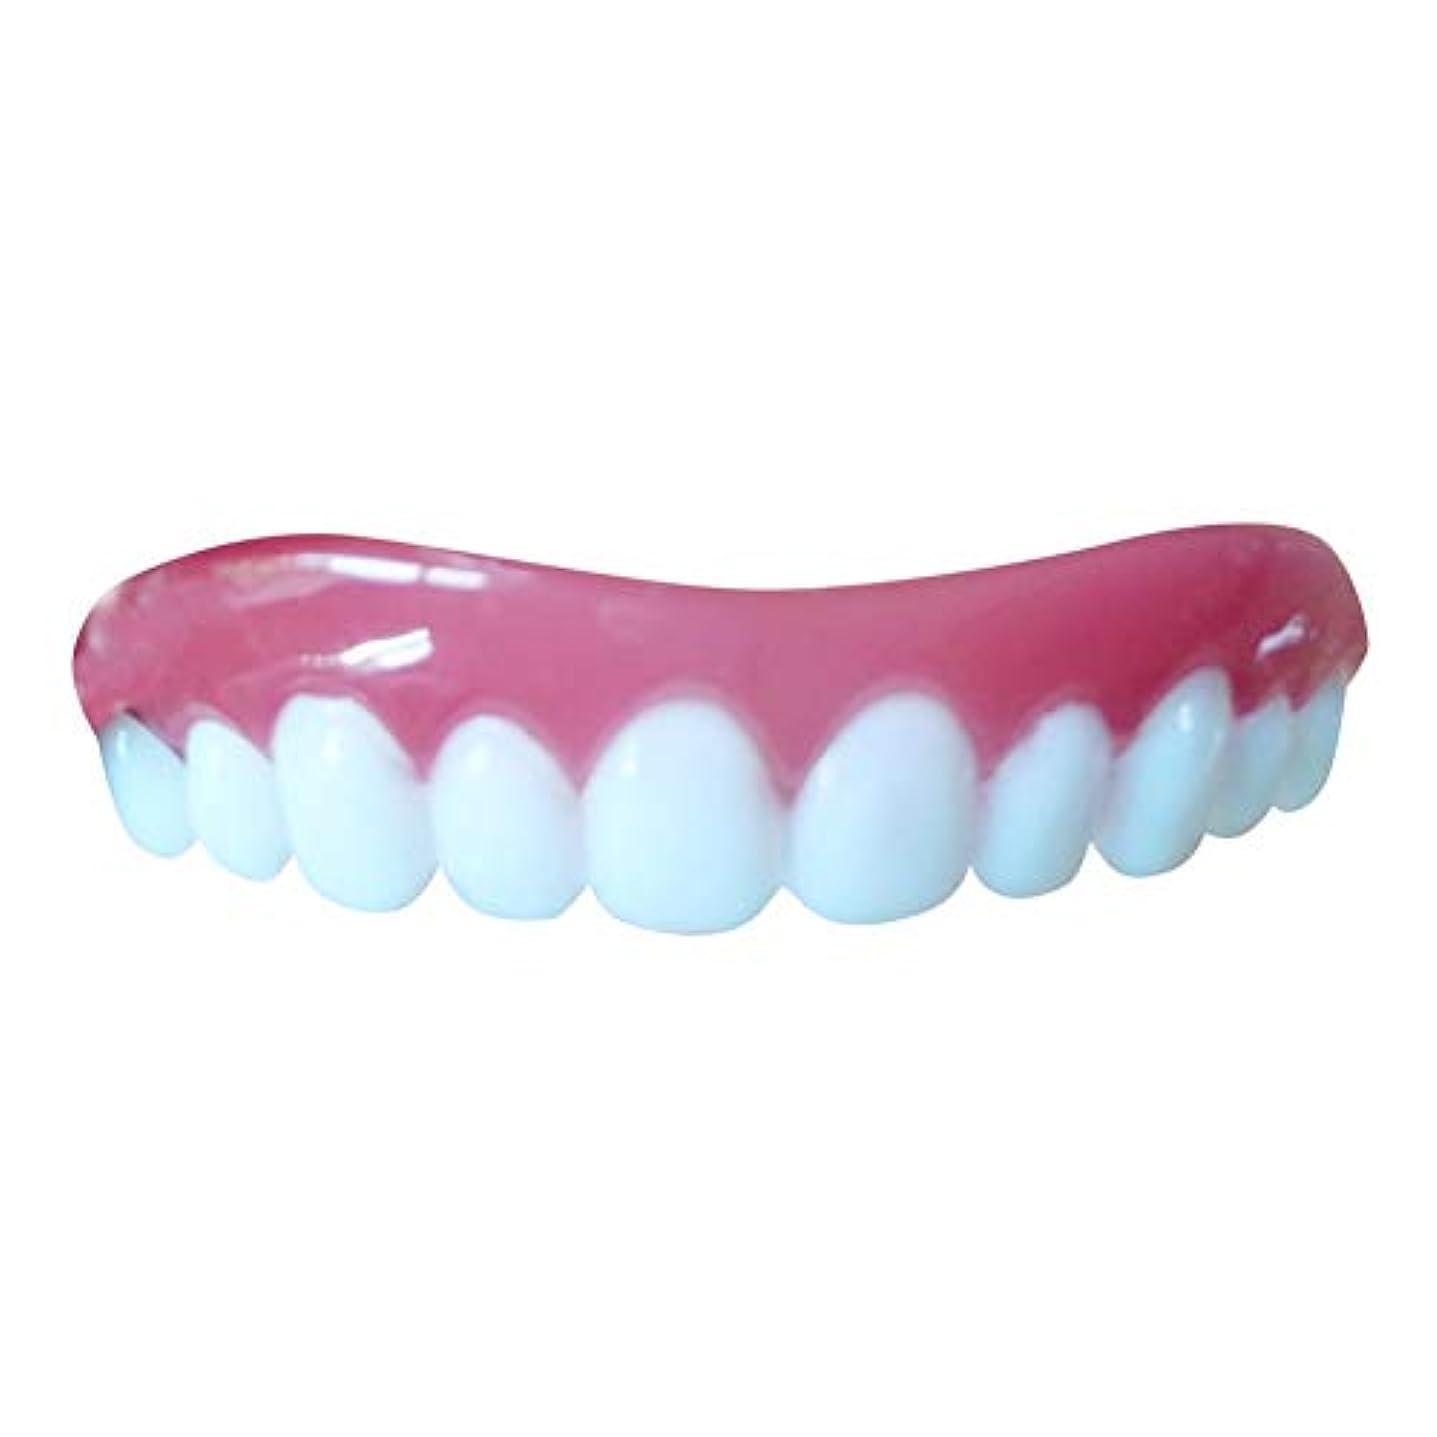 大通り更新する通常歯の白くなる歯、自由に分解すること、快適な屈曲の完全なベニヤの10組の歯科化粧品の義歯